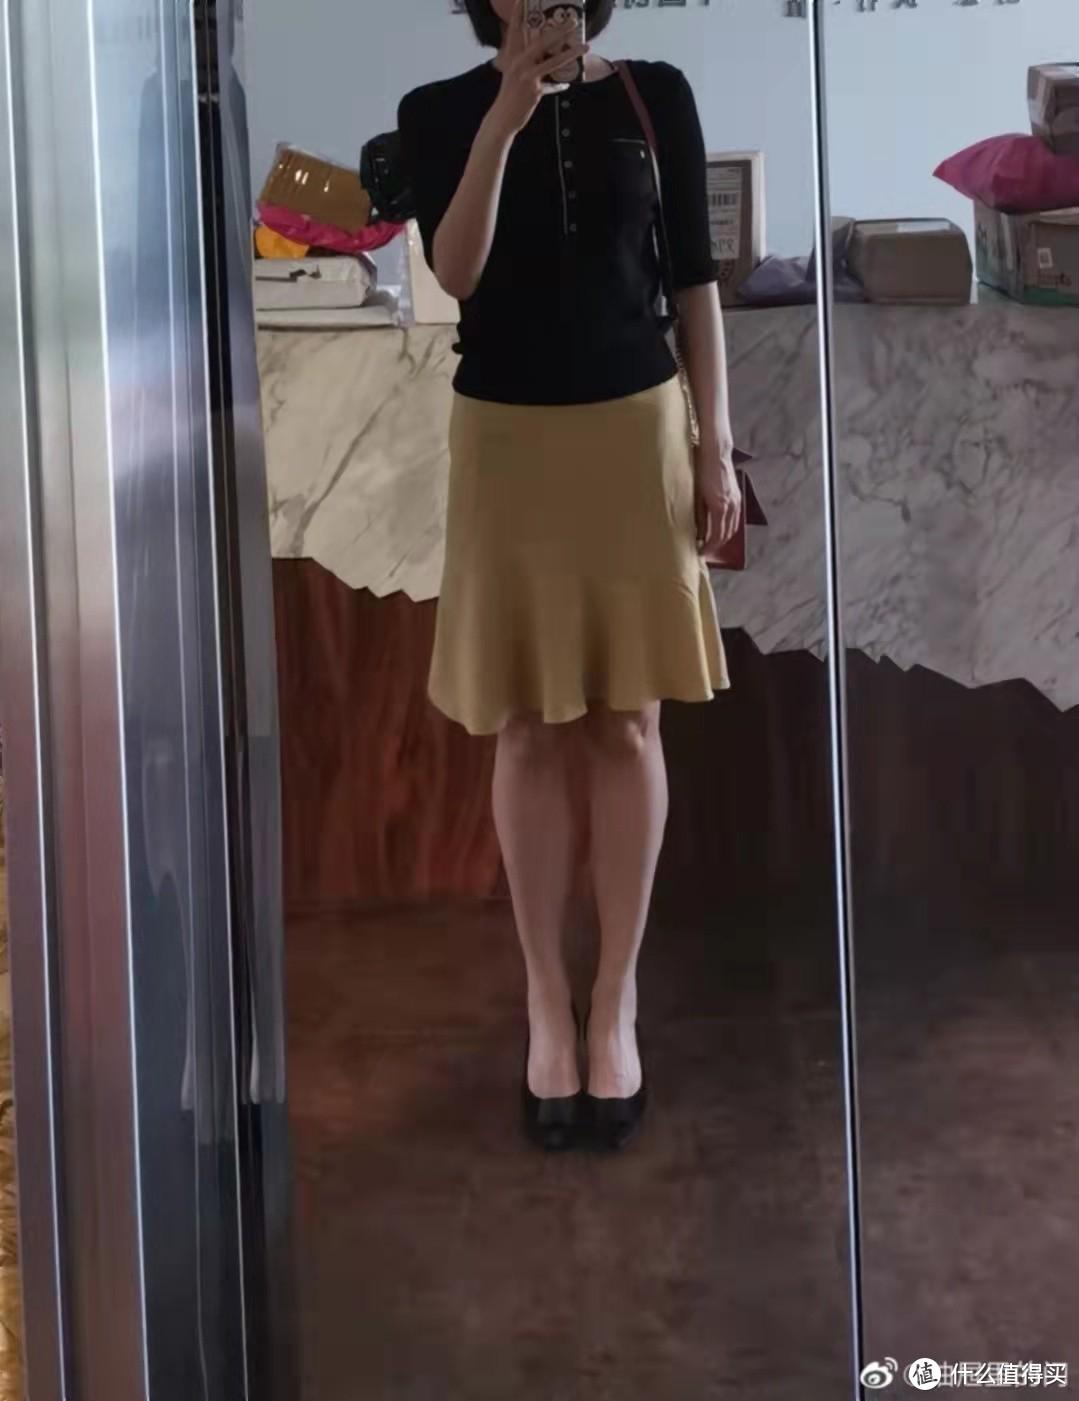 裙子淘宝 70左右,针织衫几十块钱。鞋子真美诗,闲鱼上找了个靠谱代购    具体忘记了 应该不到300买的)